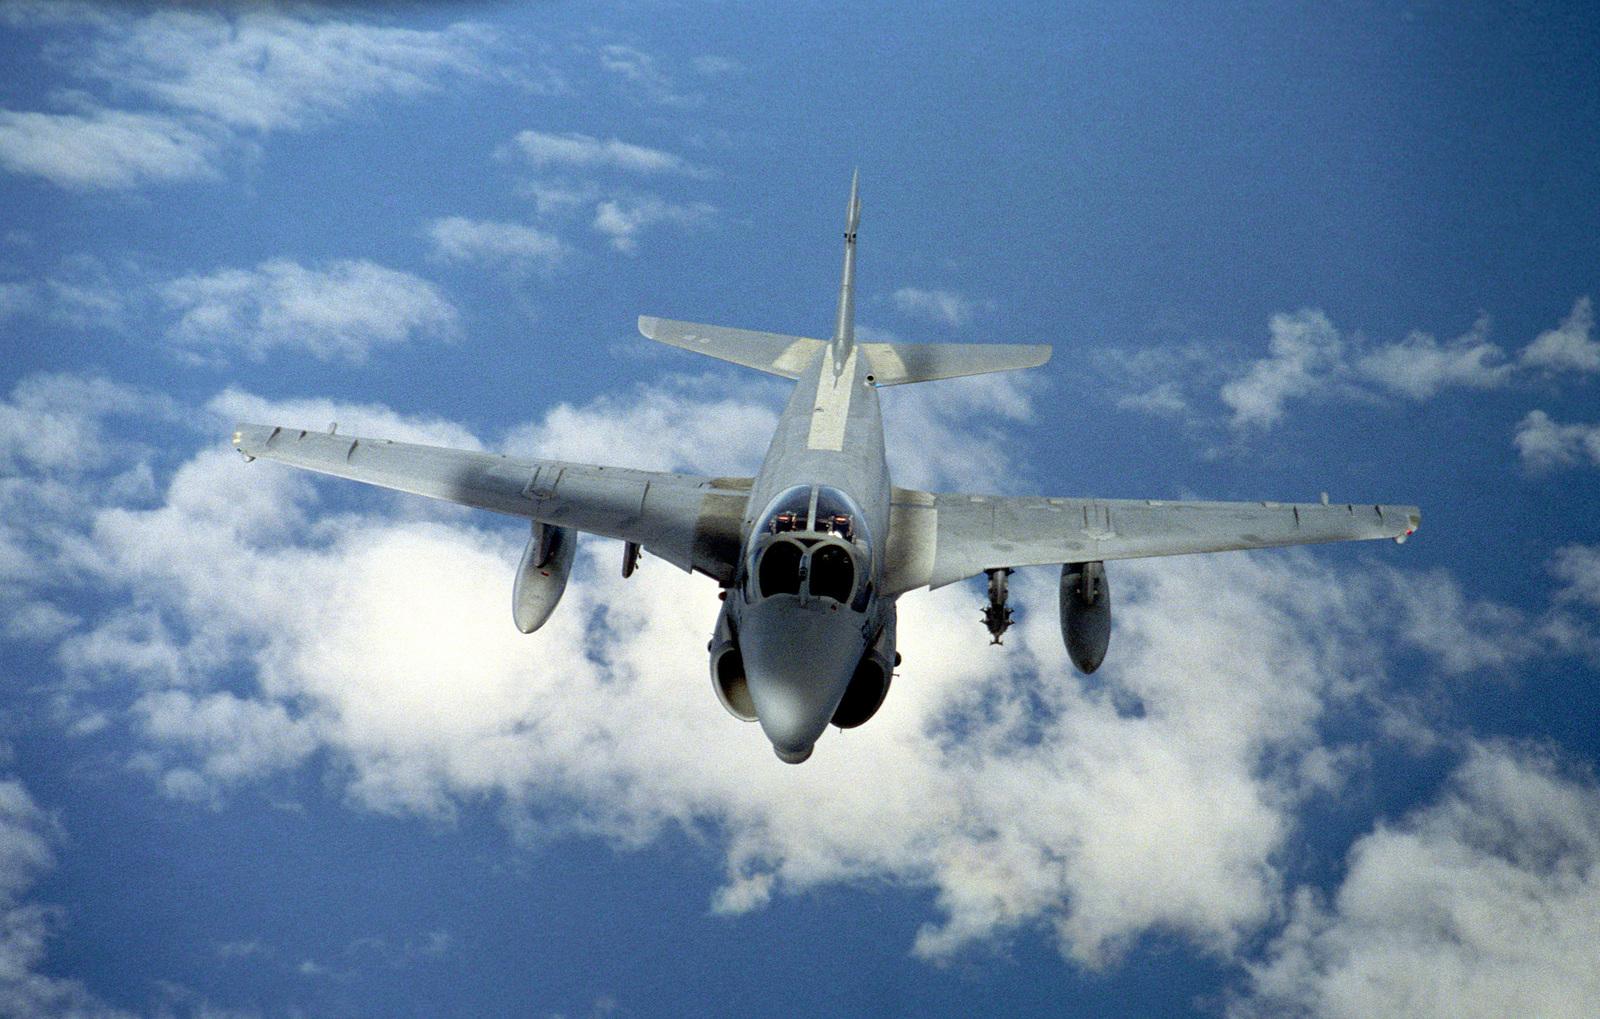 A US Navy (USN) A-6E Intruder in flight